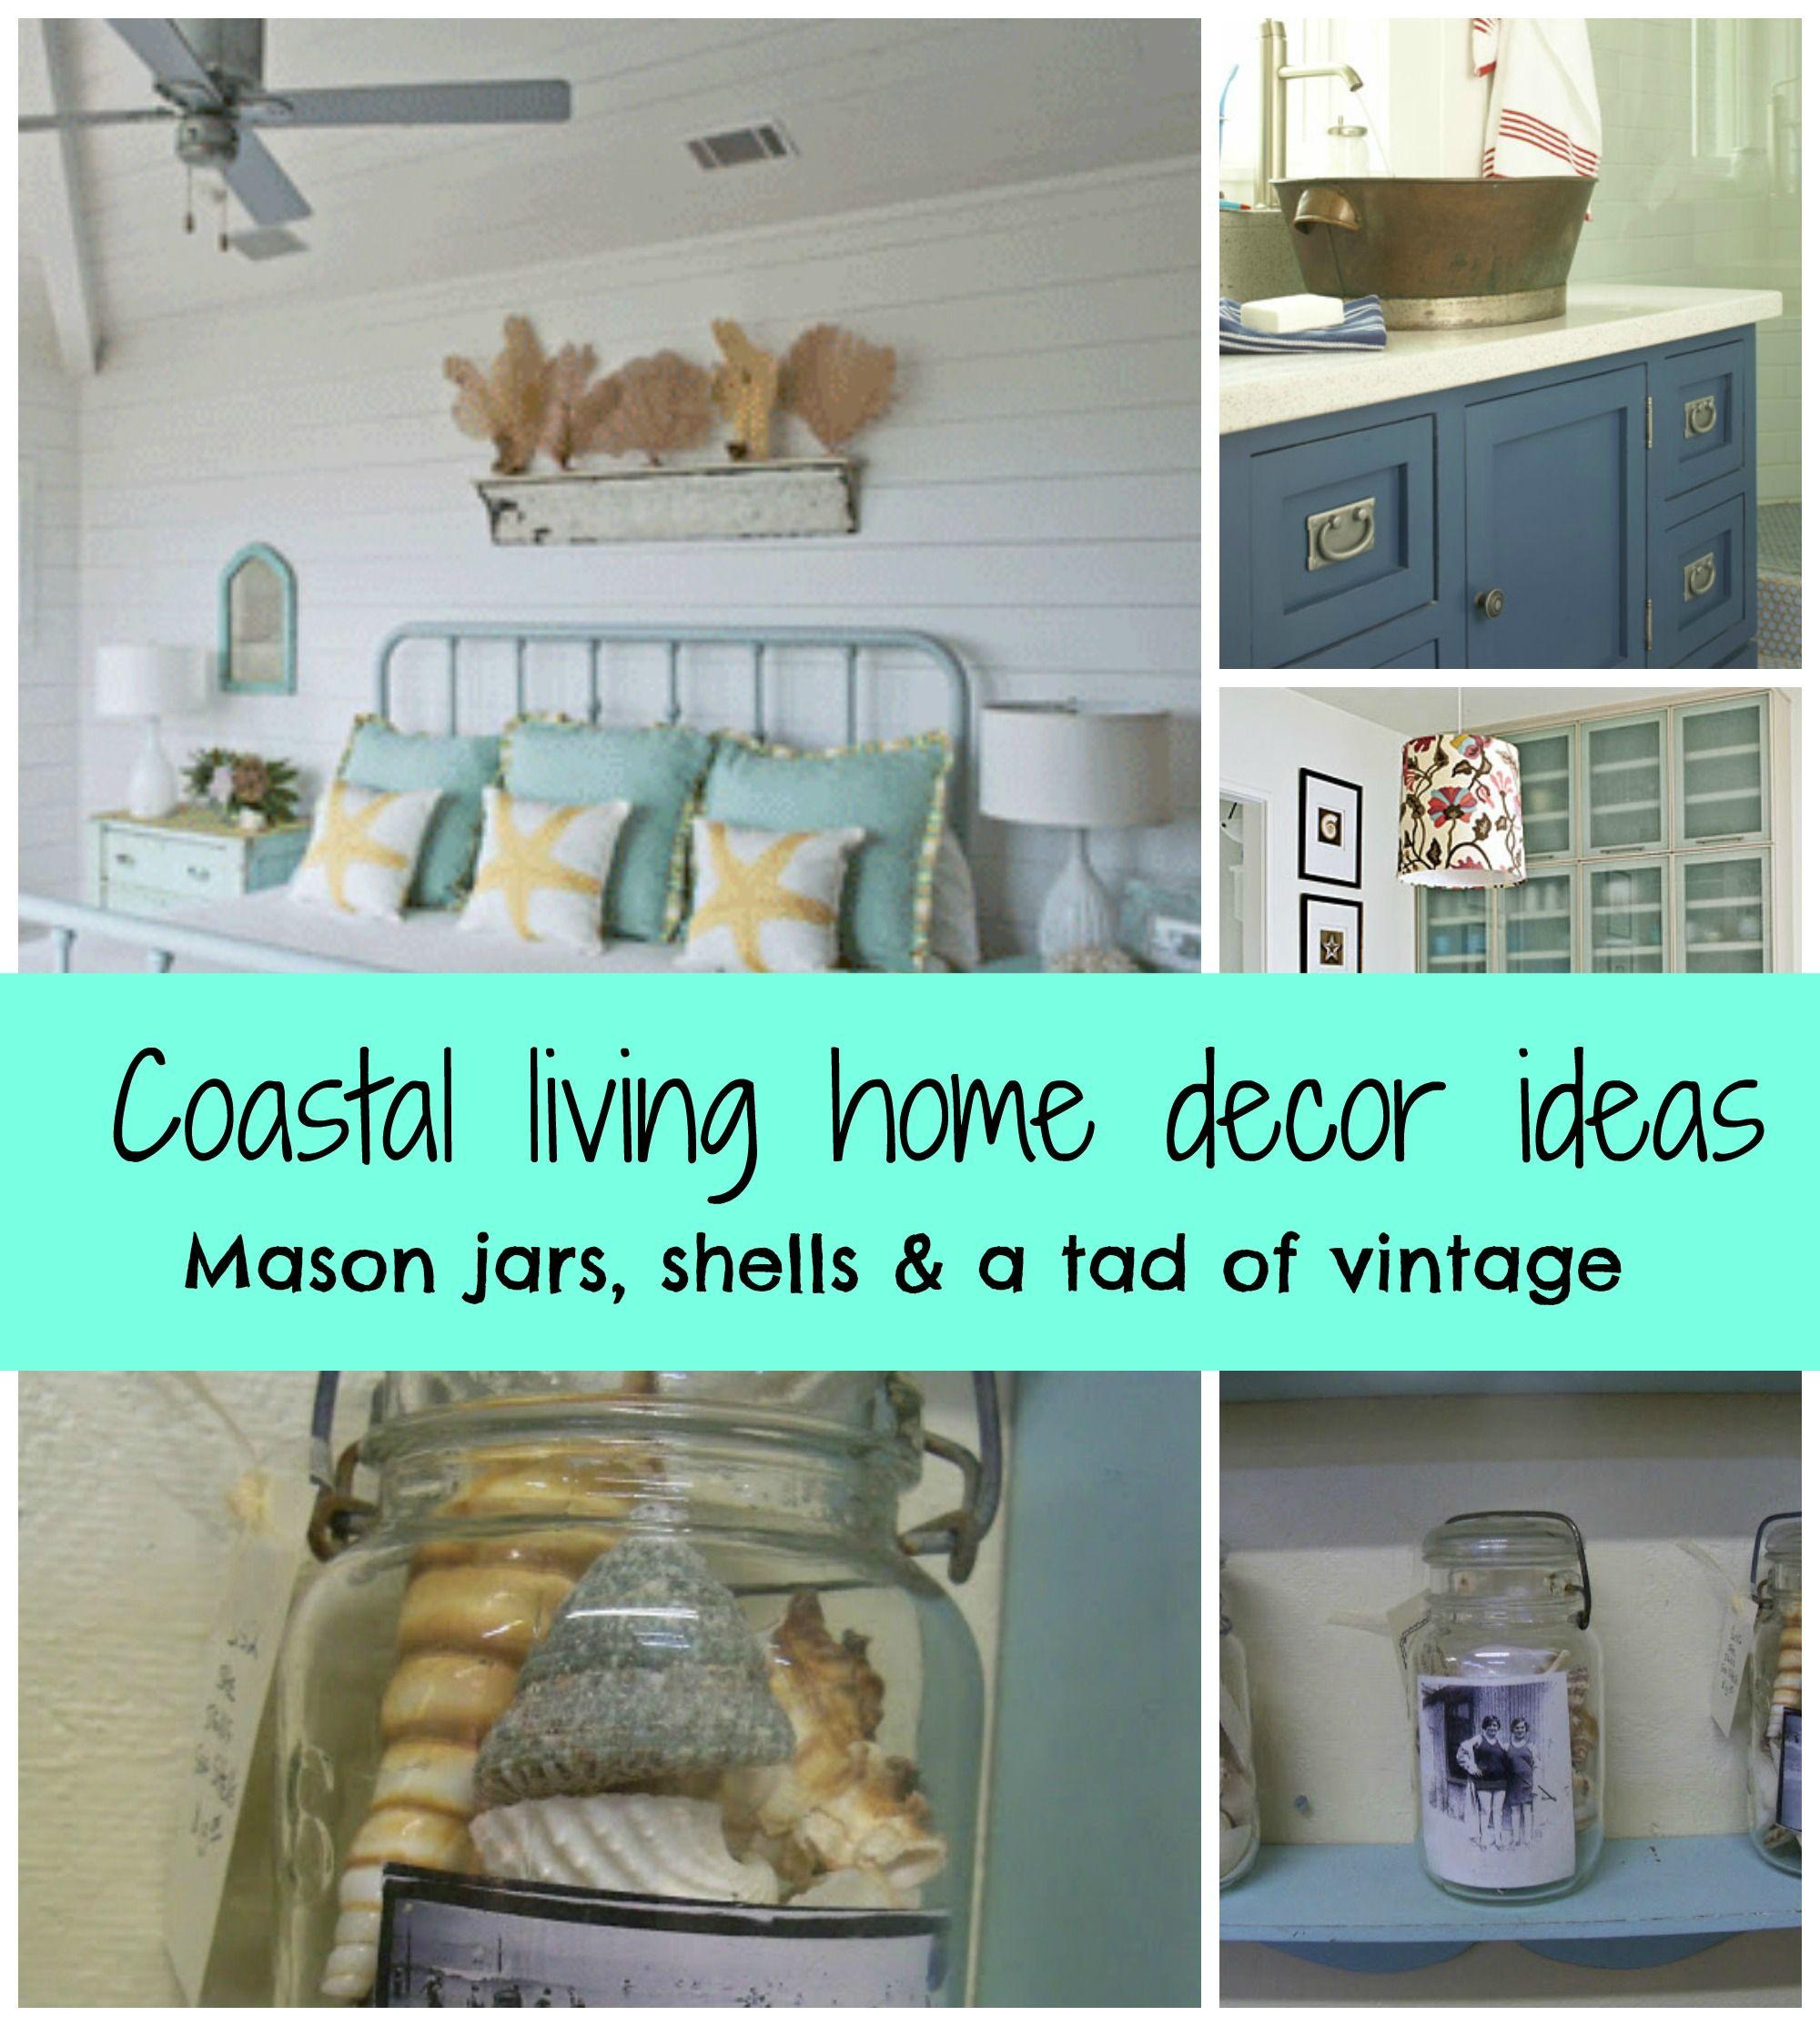 Coastal living nifty decor ideas - Debbiedoos